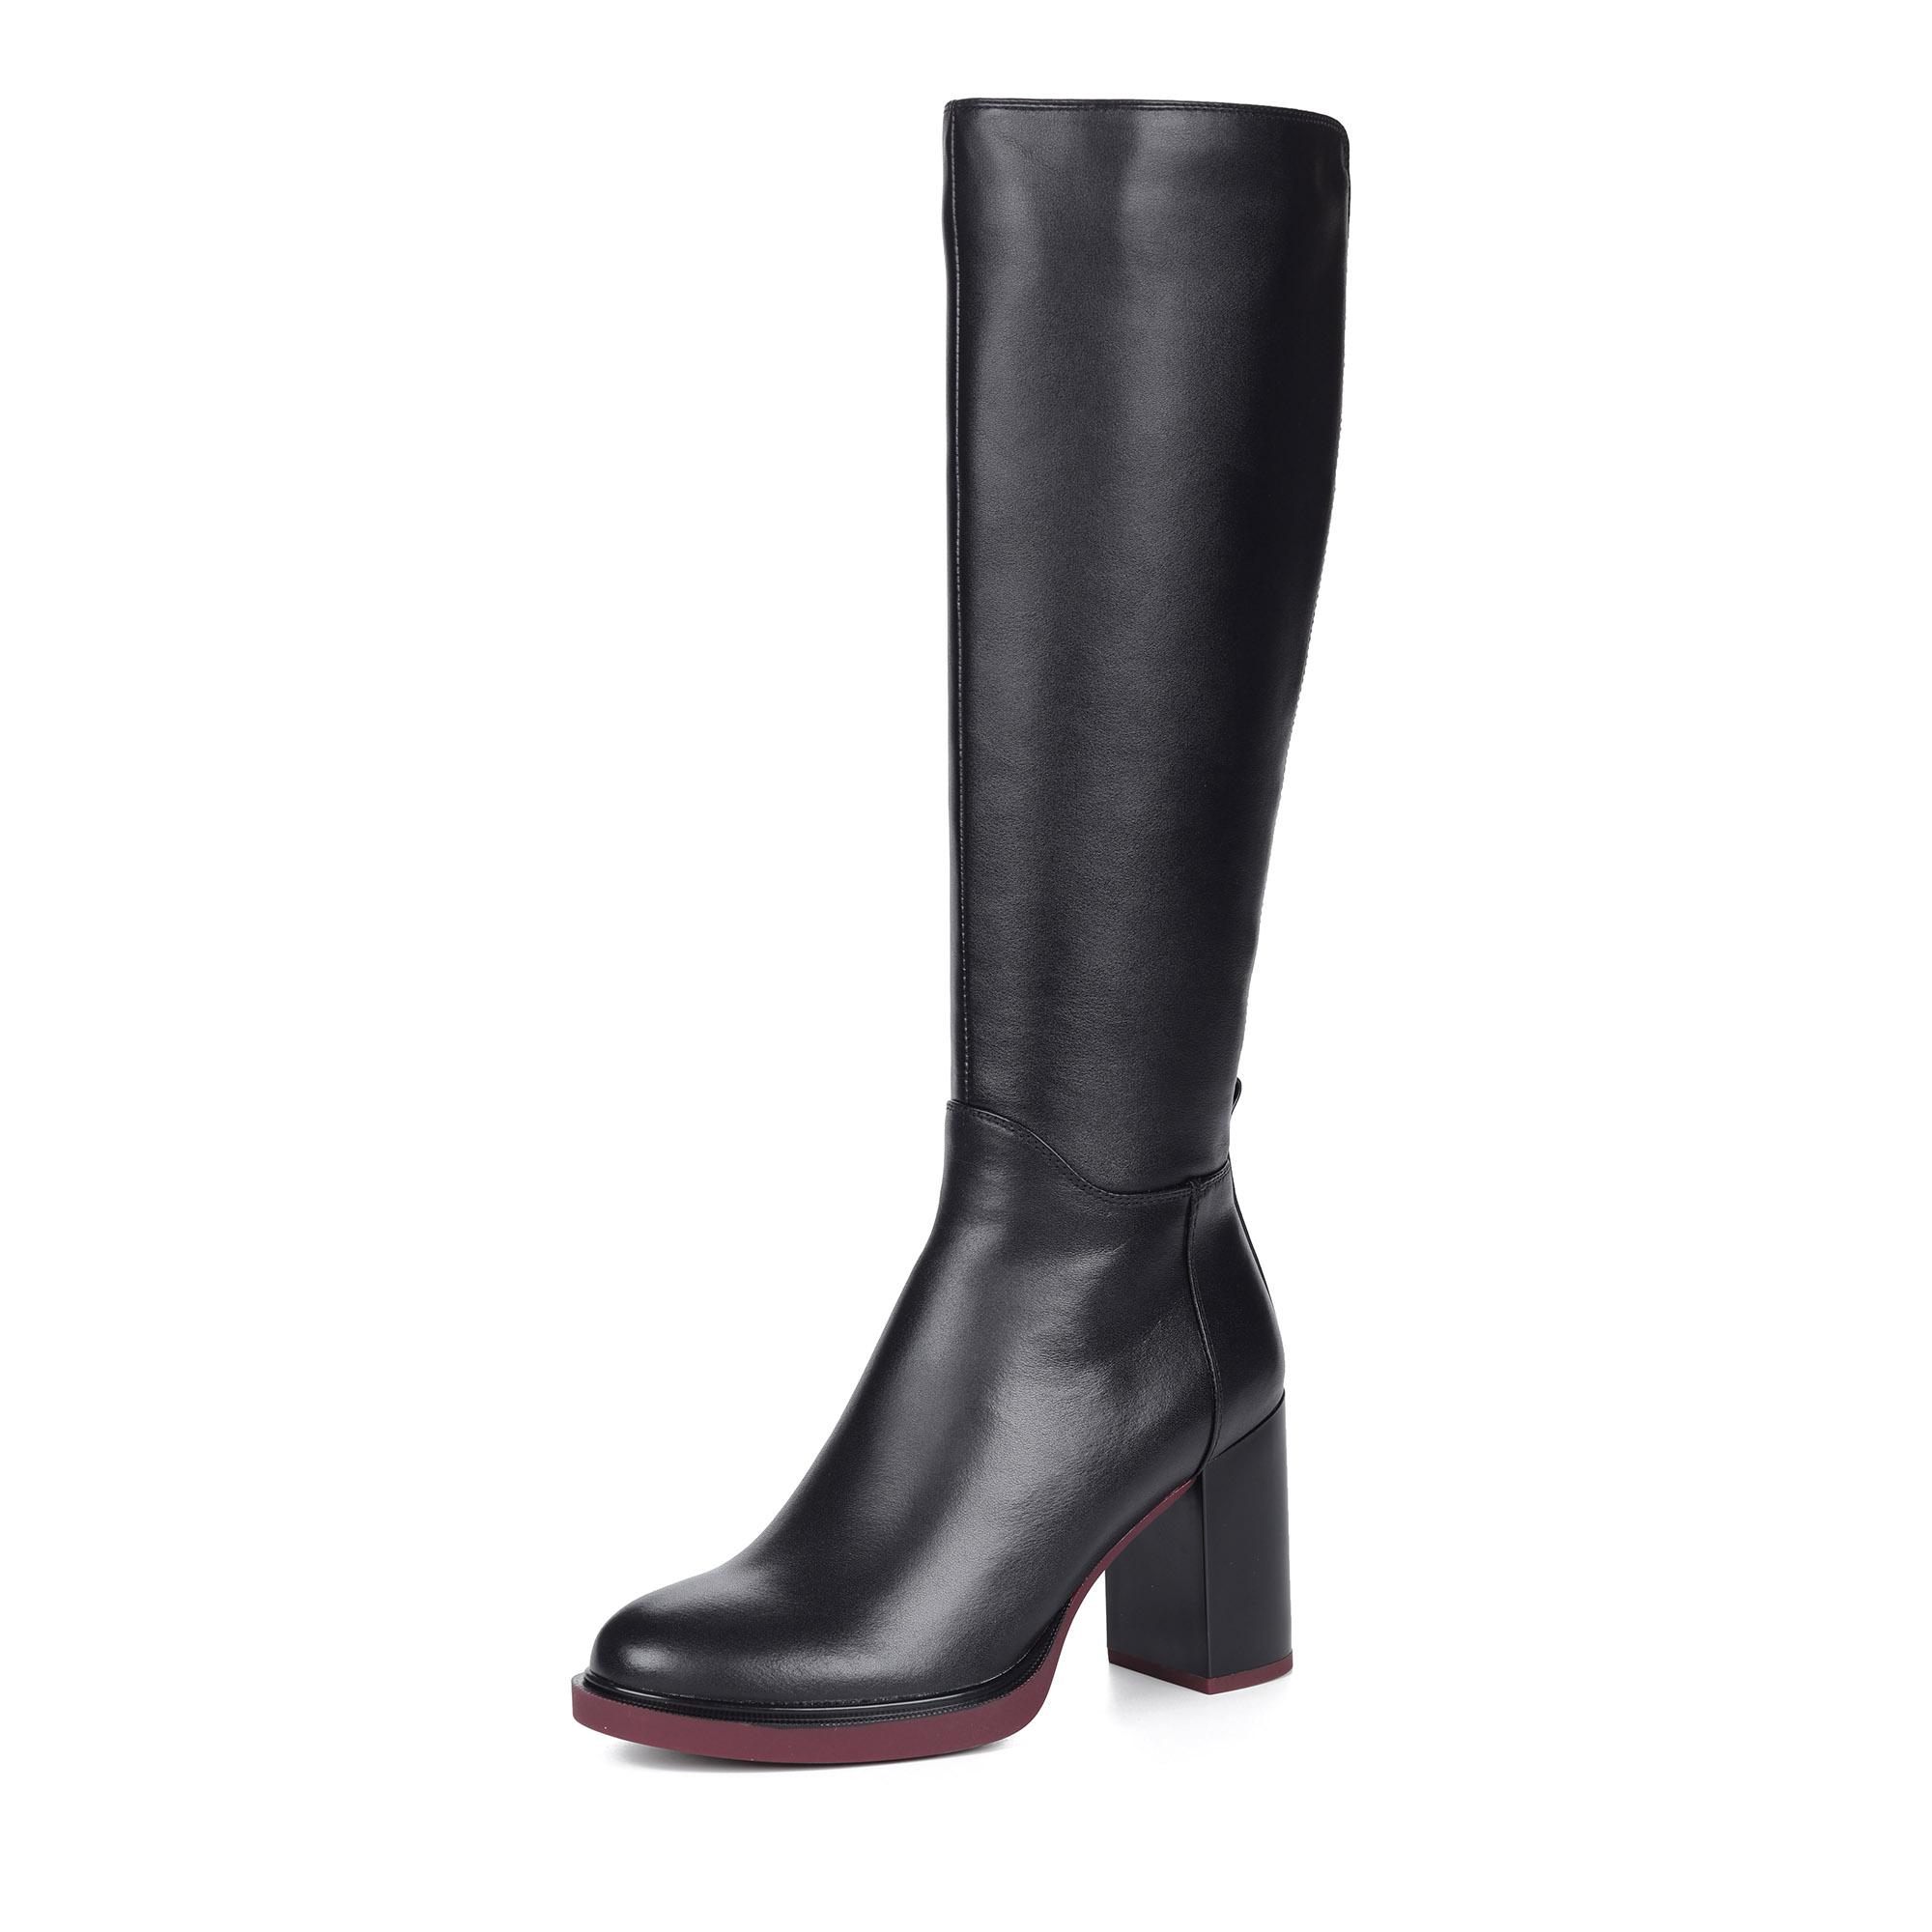 Черные сапоги из комбинированных материалов на каблуке